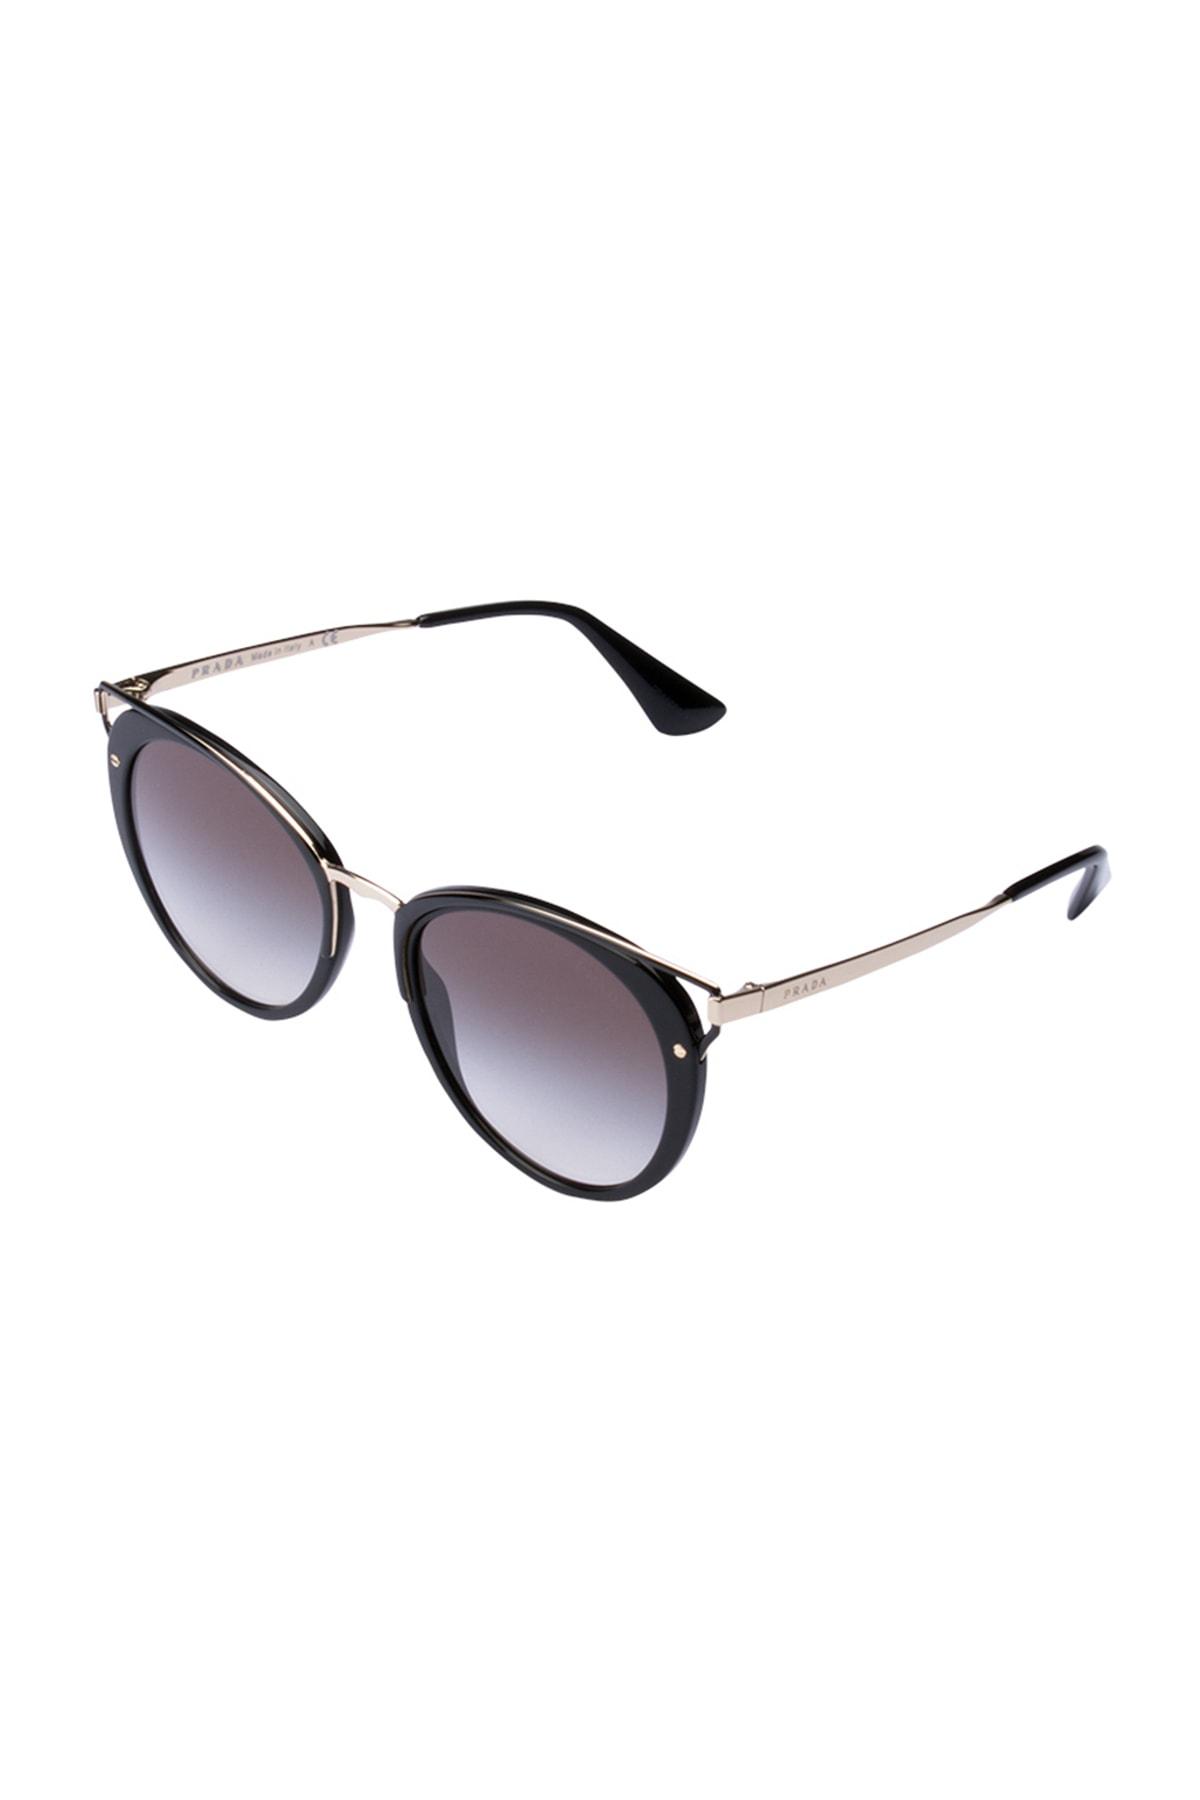 Prada Kadın Güneş Gözlüğü PR 66TS-1AB0A754 2